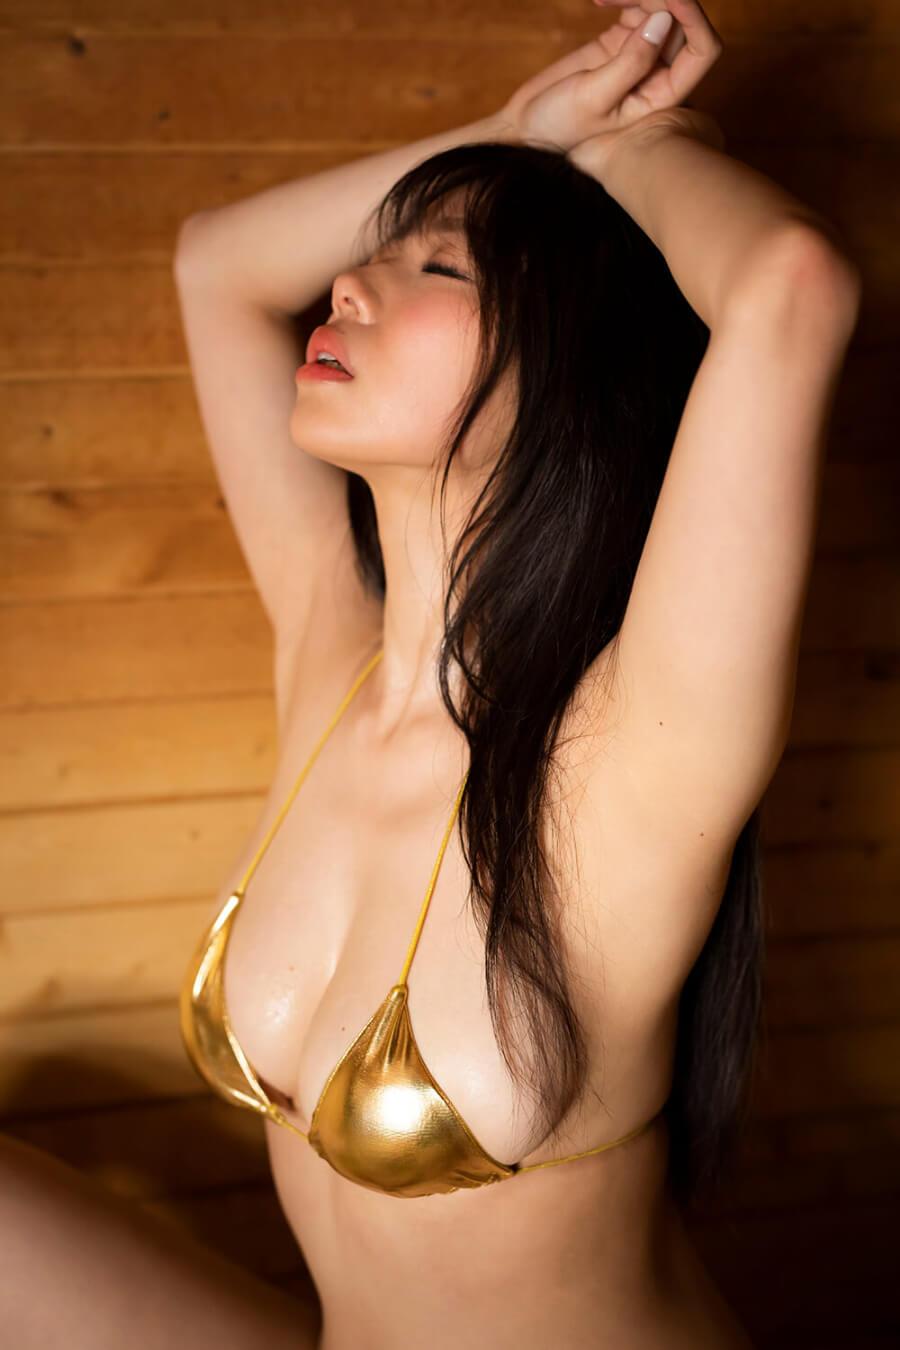 写真は金の水着を着た鈴木さん(C)KADOKAWA  (C) officepocket   PHOTO/TANAKA TOMOHISA